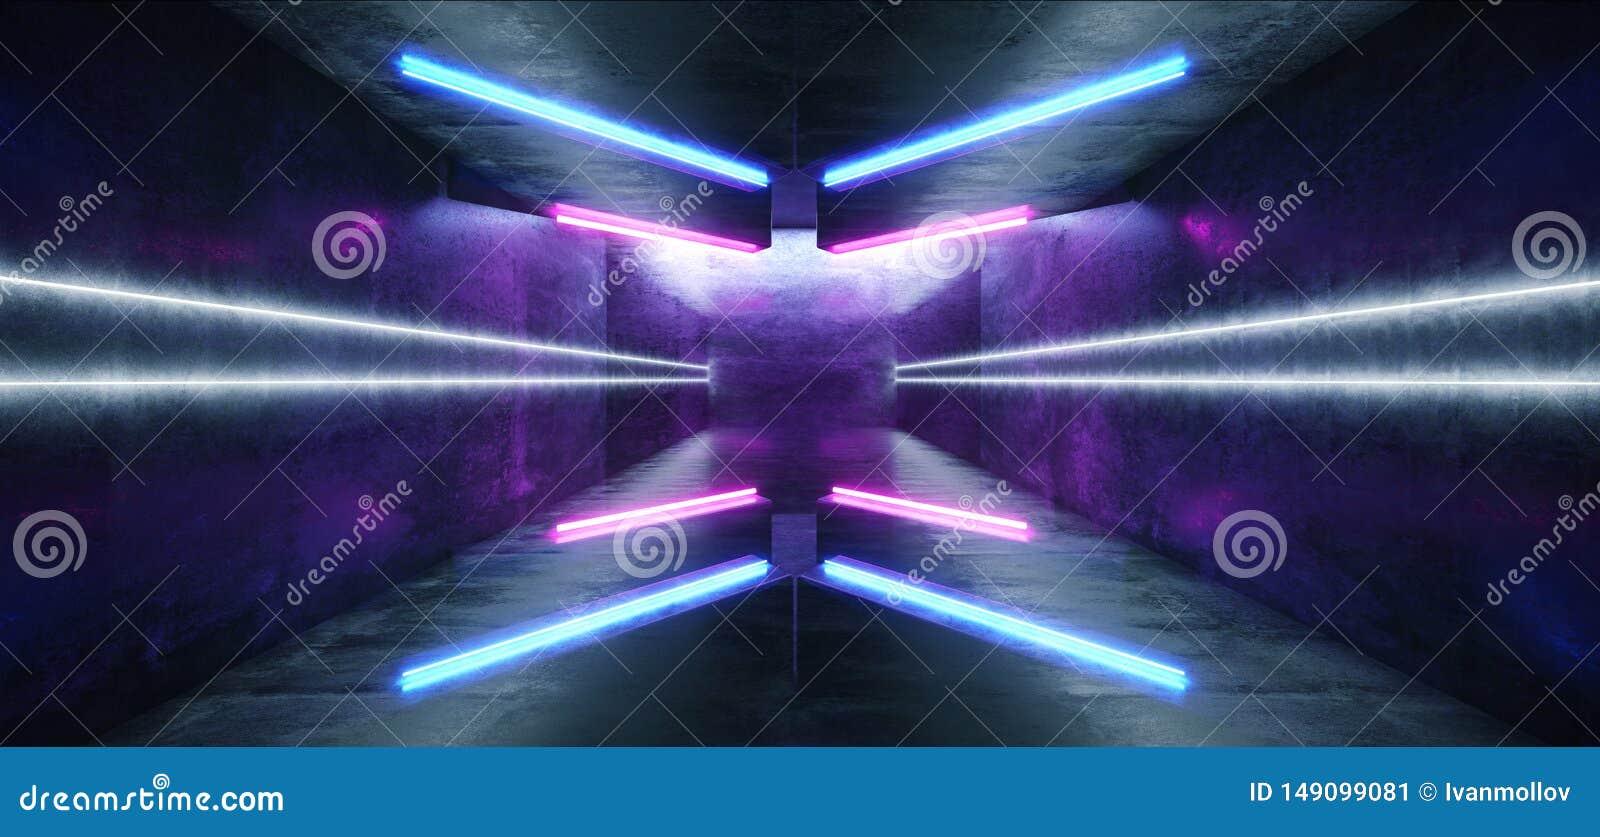 Футуристическая стрелка сформировала Grunge коридора неоновых свет накаляя гараж подиума живого голубого пурпурного конкретный те